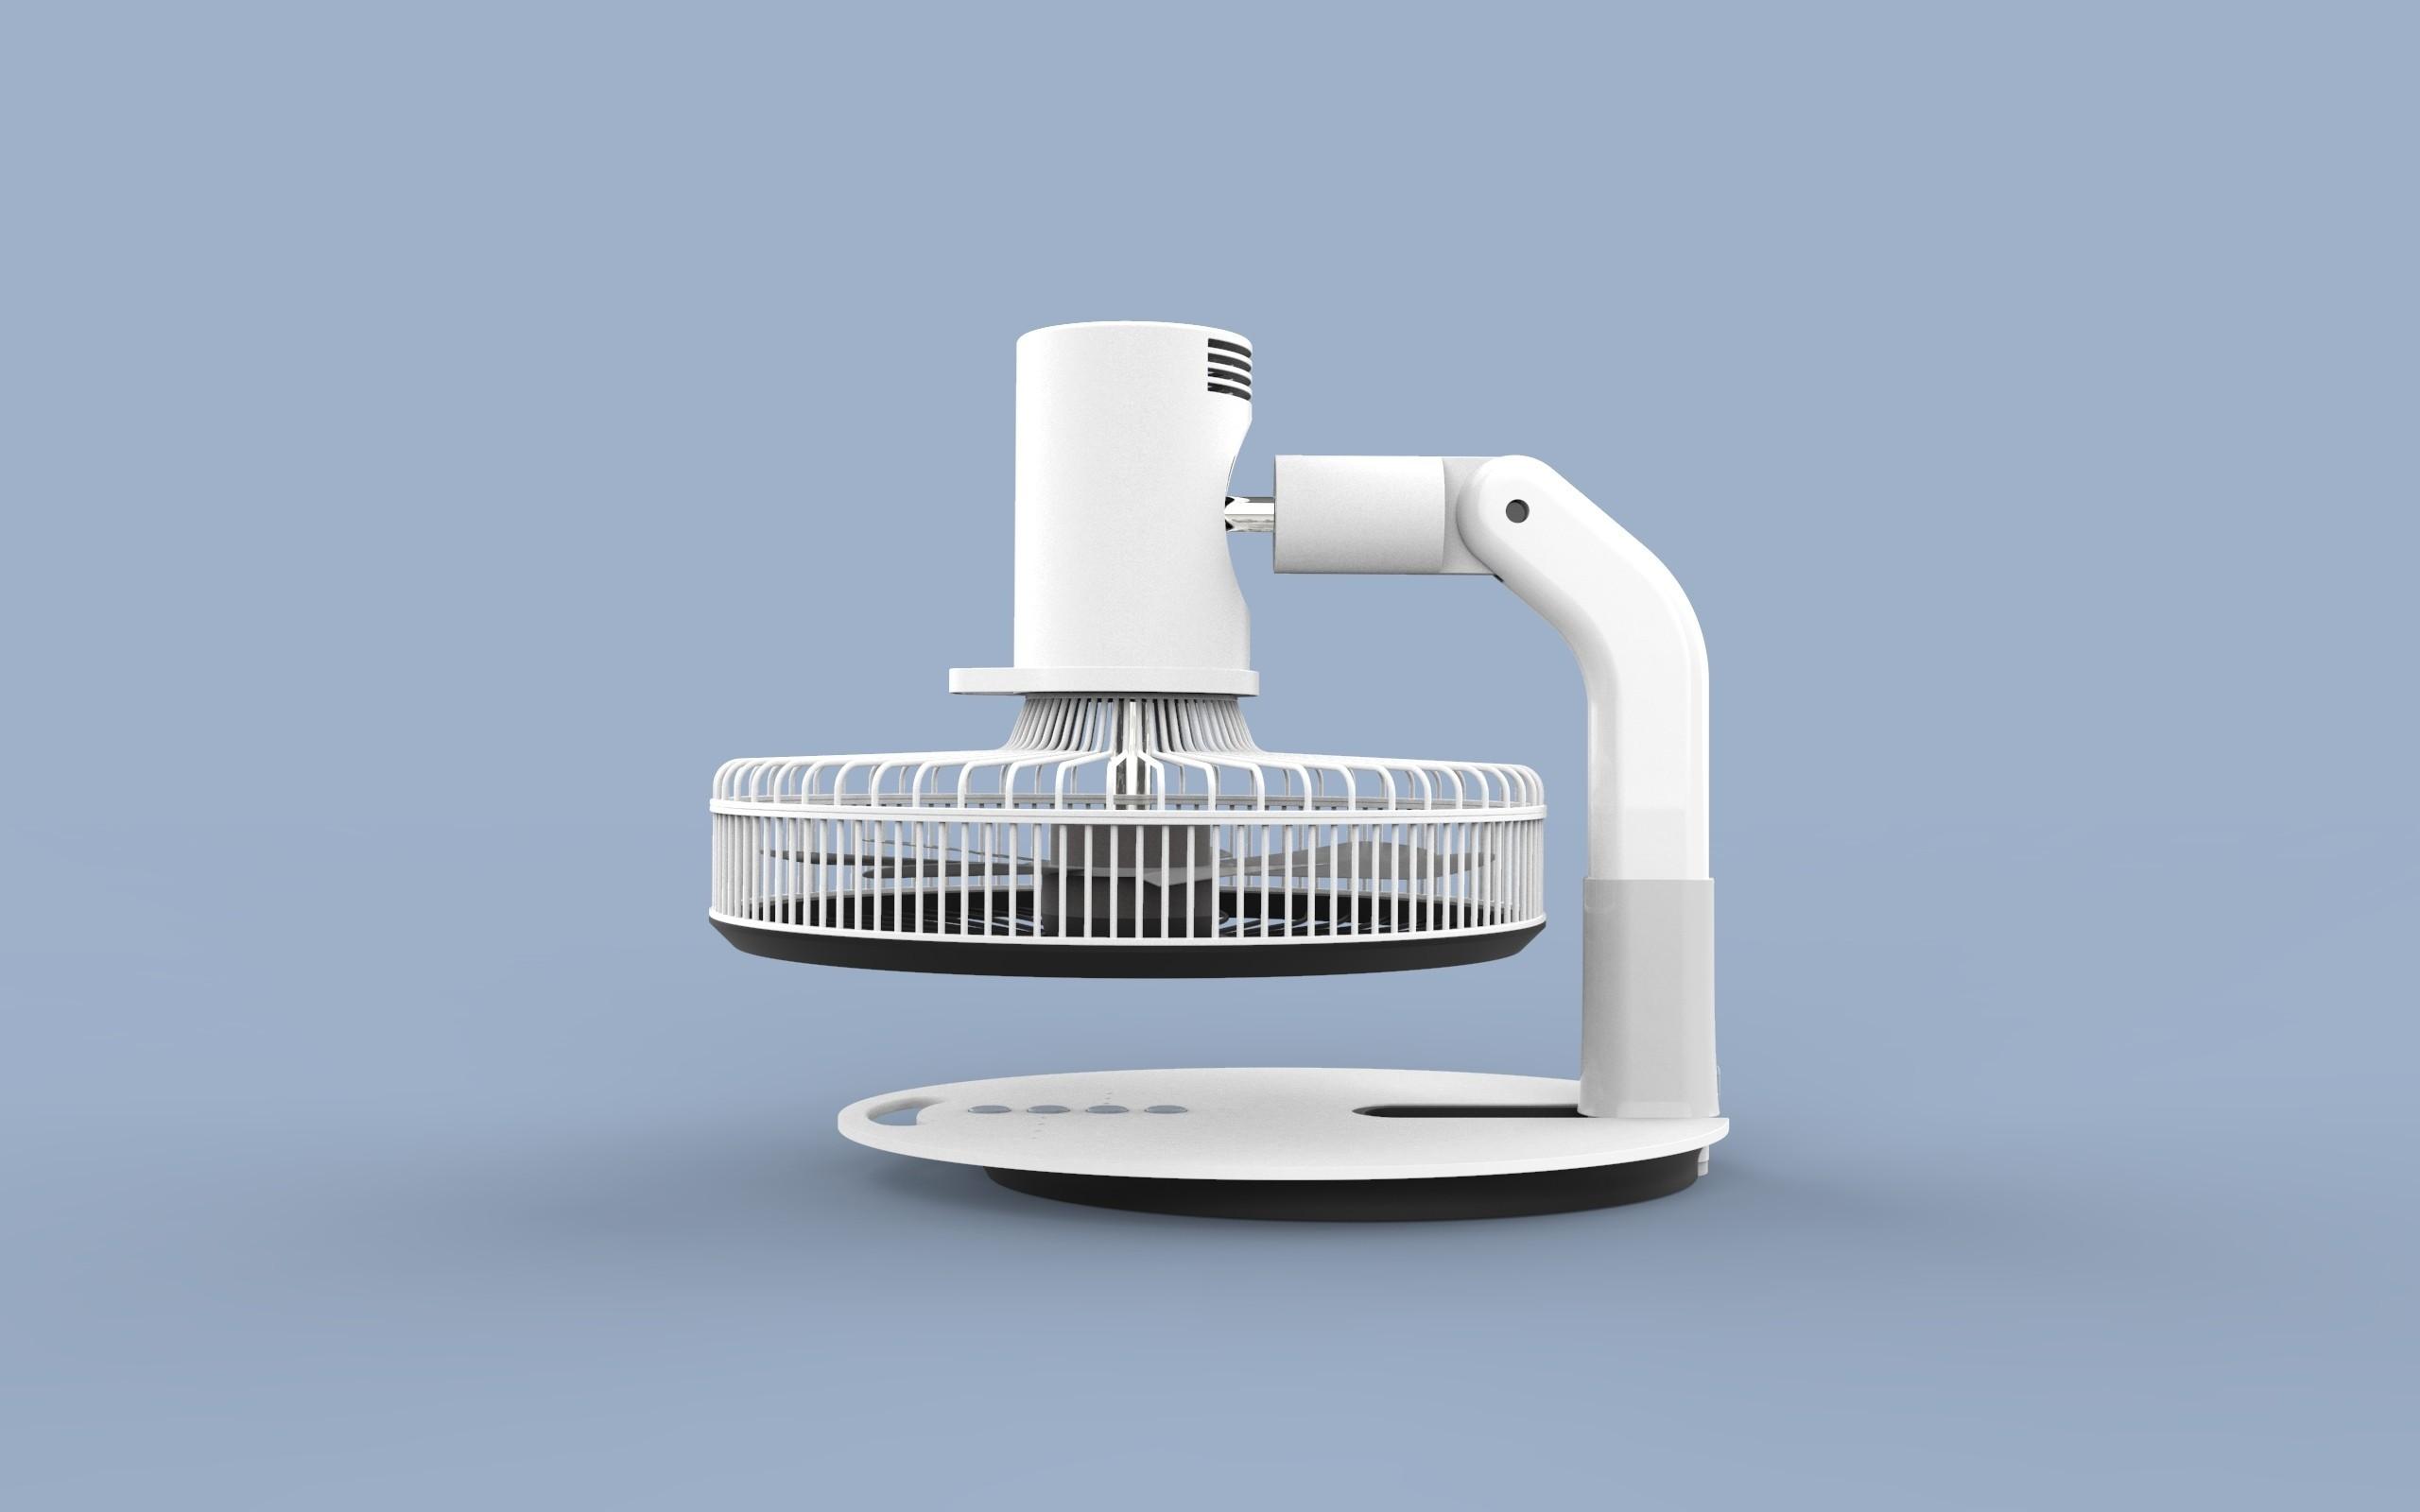 ff.343.jpg Download STL file Folding Table Fan • 3D printer object, Dekro